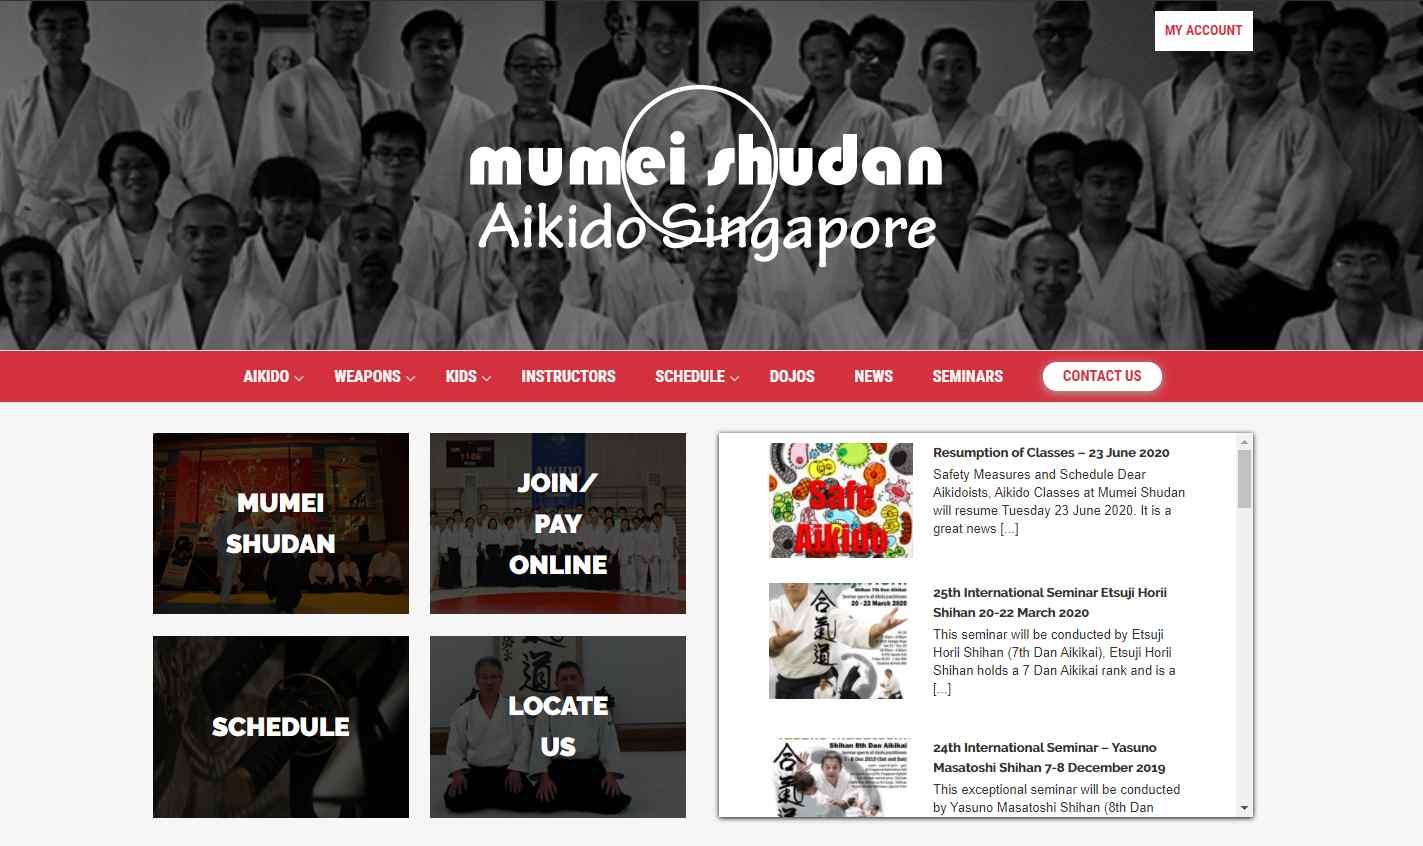 mumei-shudan-top-aikido-schools-in-singapore-2